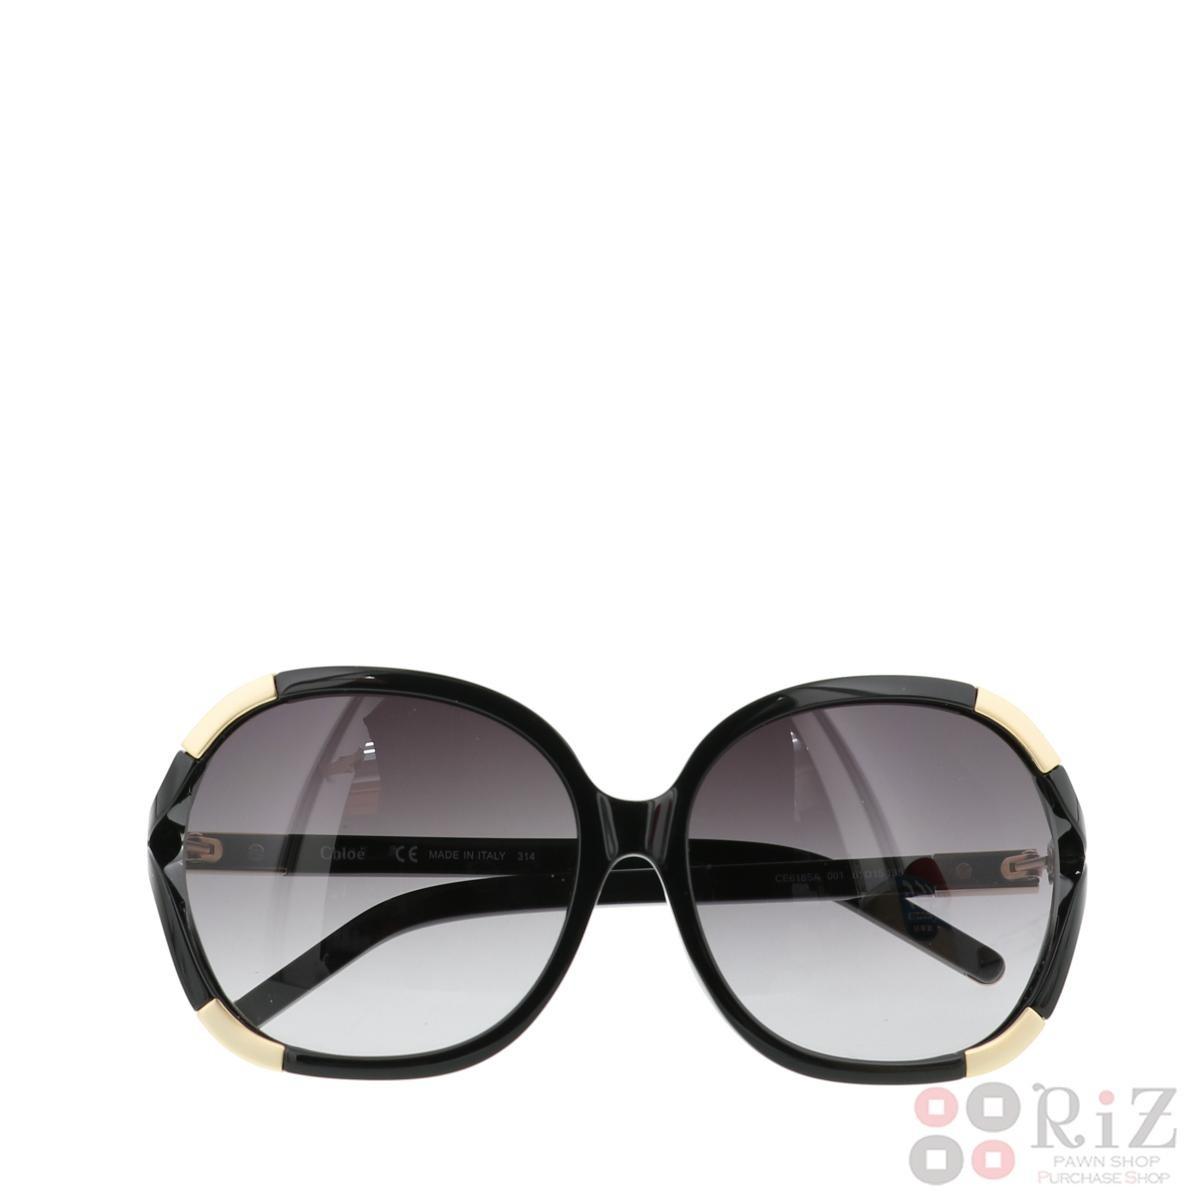 【中古】 CHLOE (クロエ) サングラス CE618SA 服飾 眼鏡/サングラス  Black CE618SA used:B